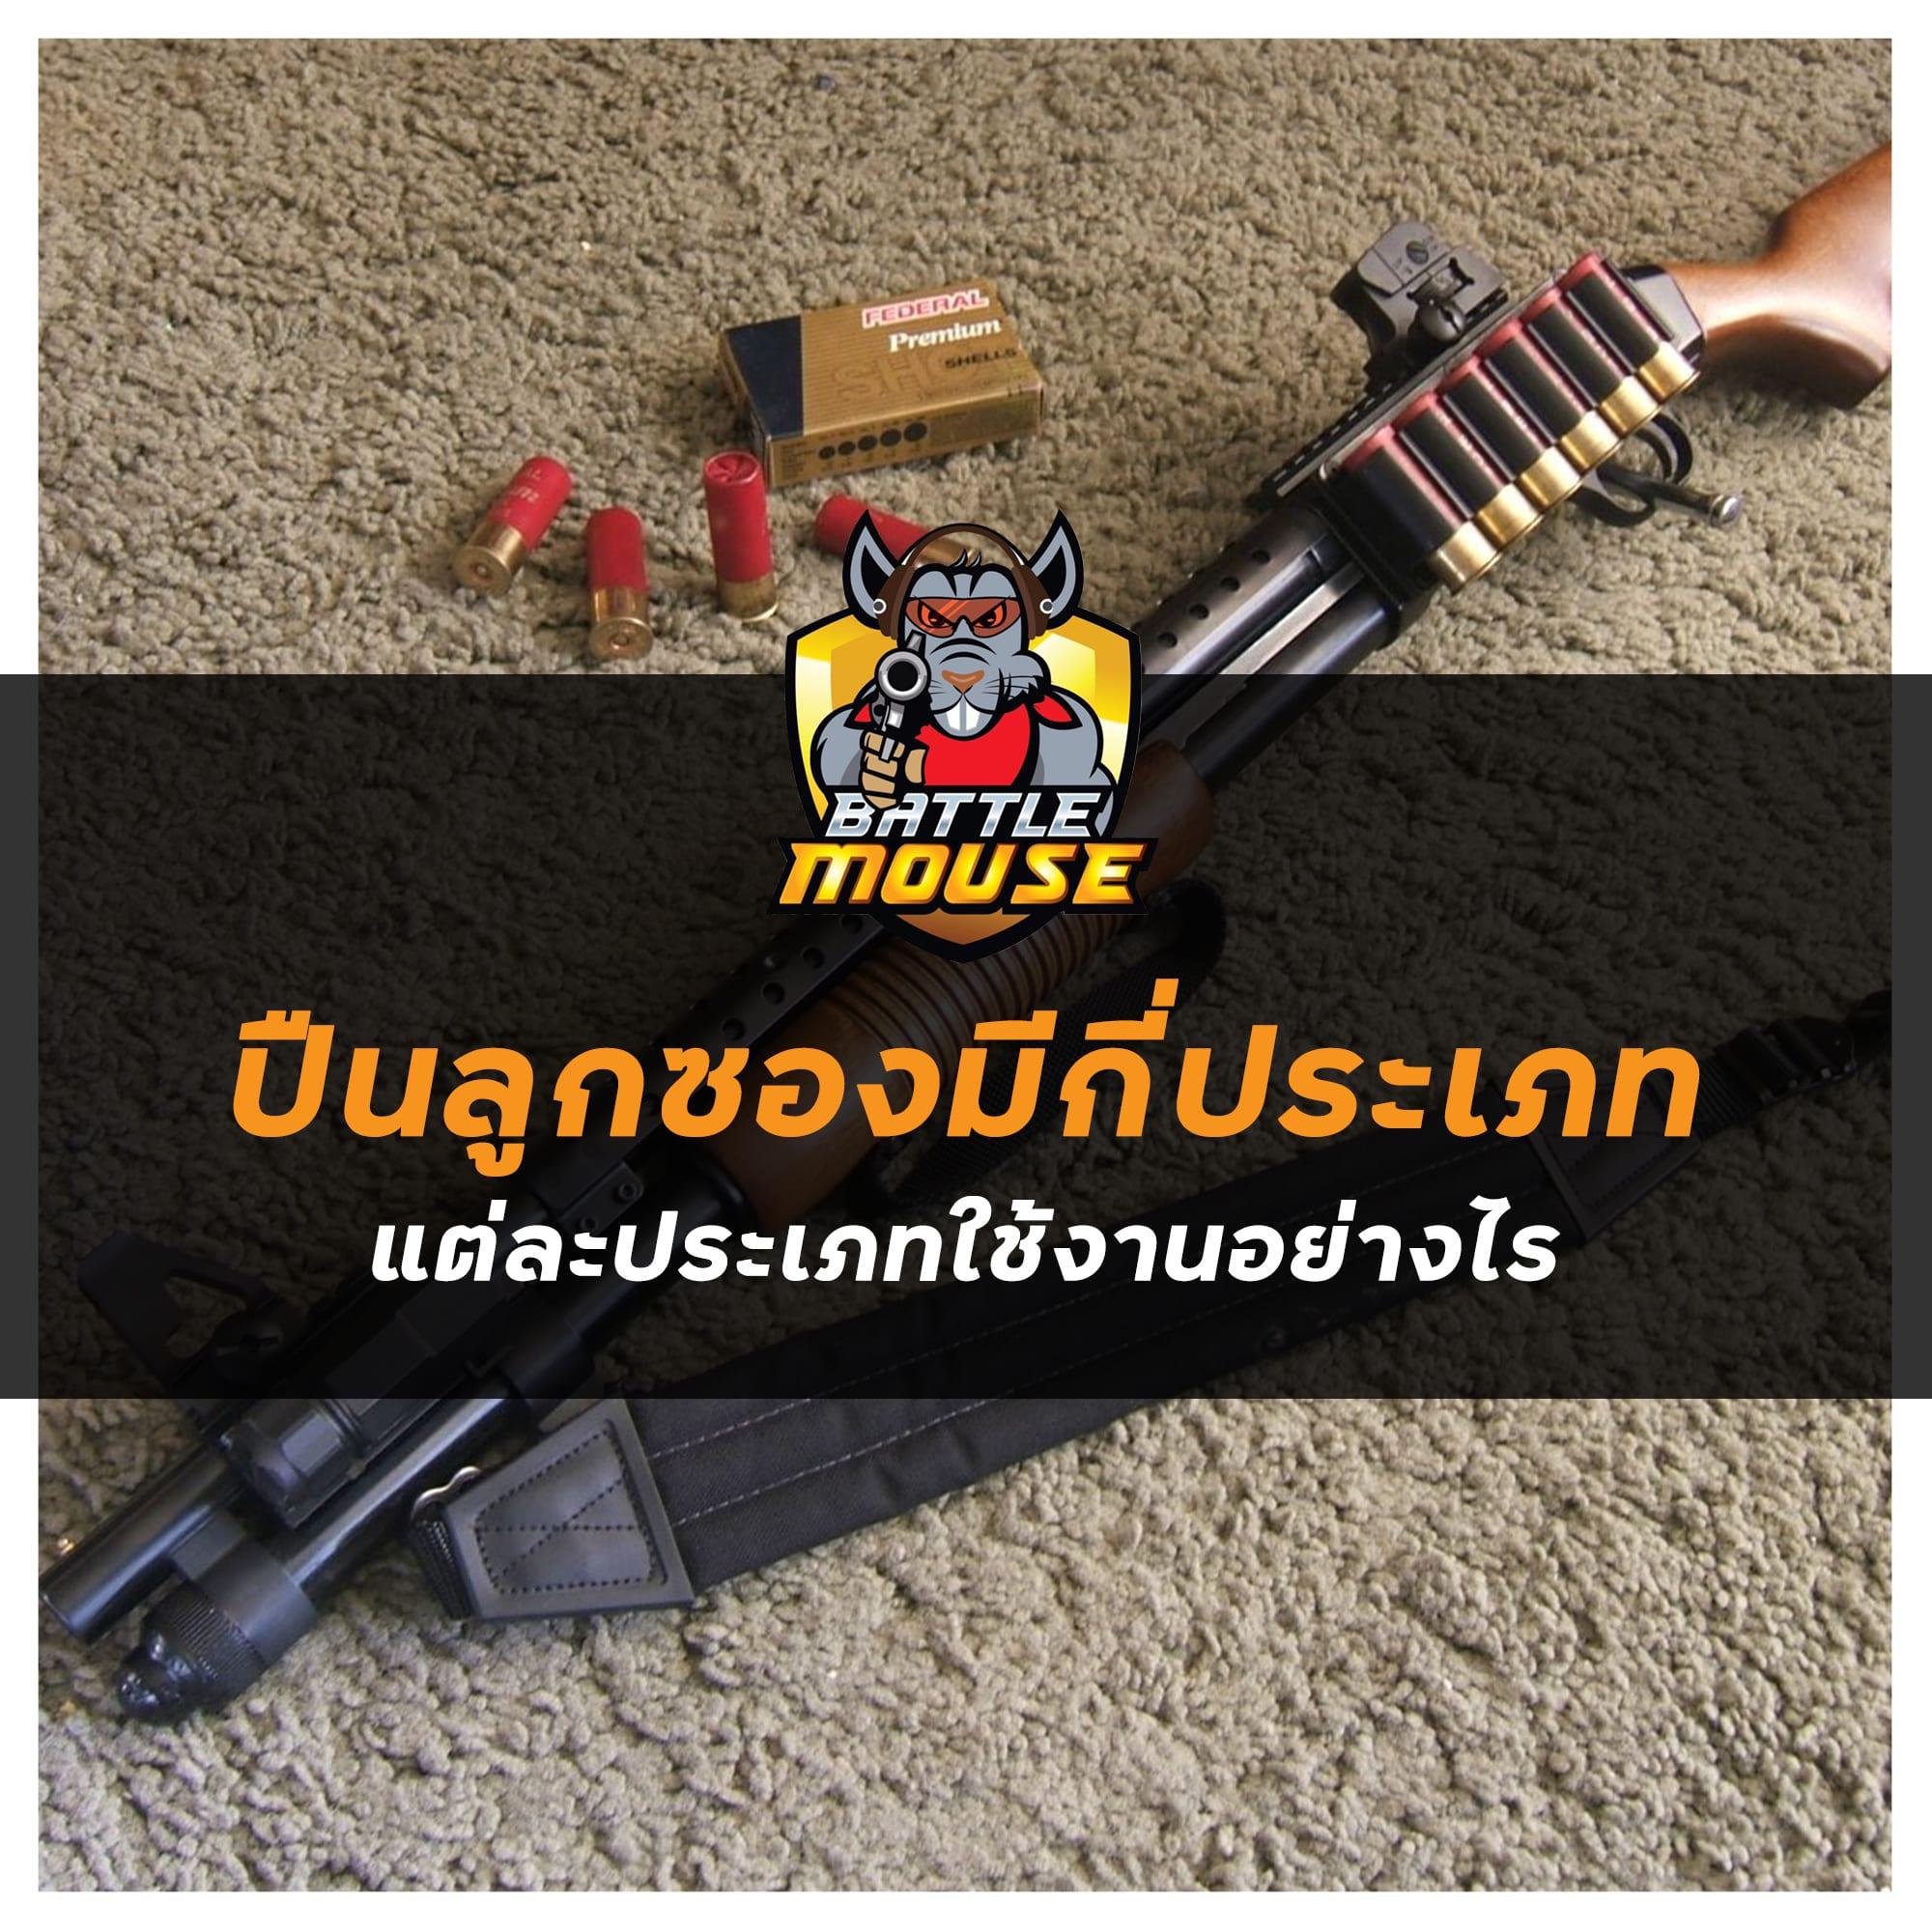 อาวุธปืน ปืนลูกซองมีกี่ประเภท แต่ละประเภทใช้งานอย่างไร